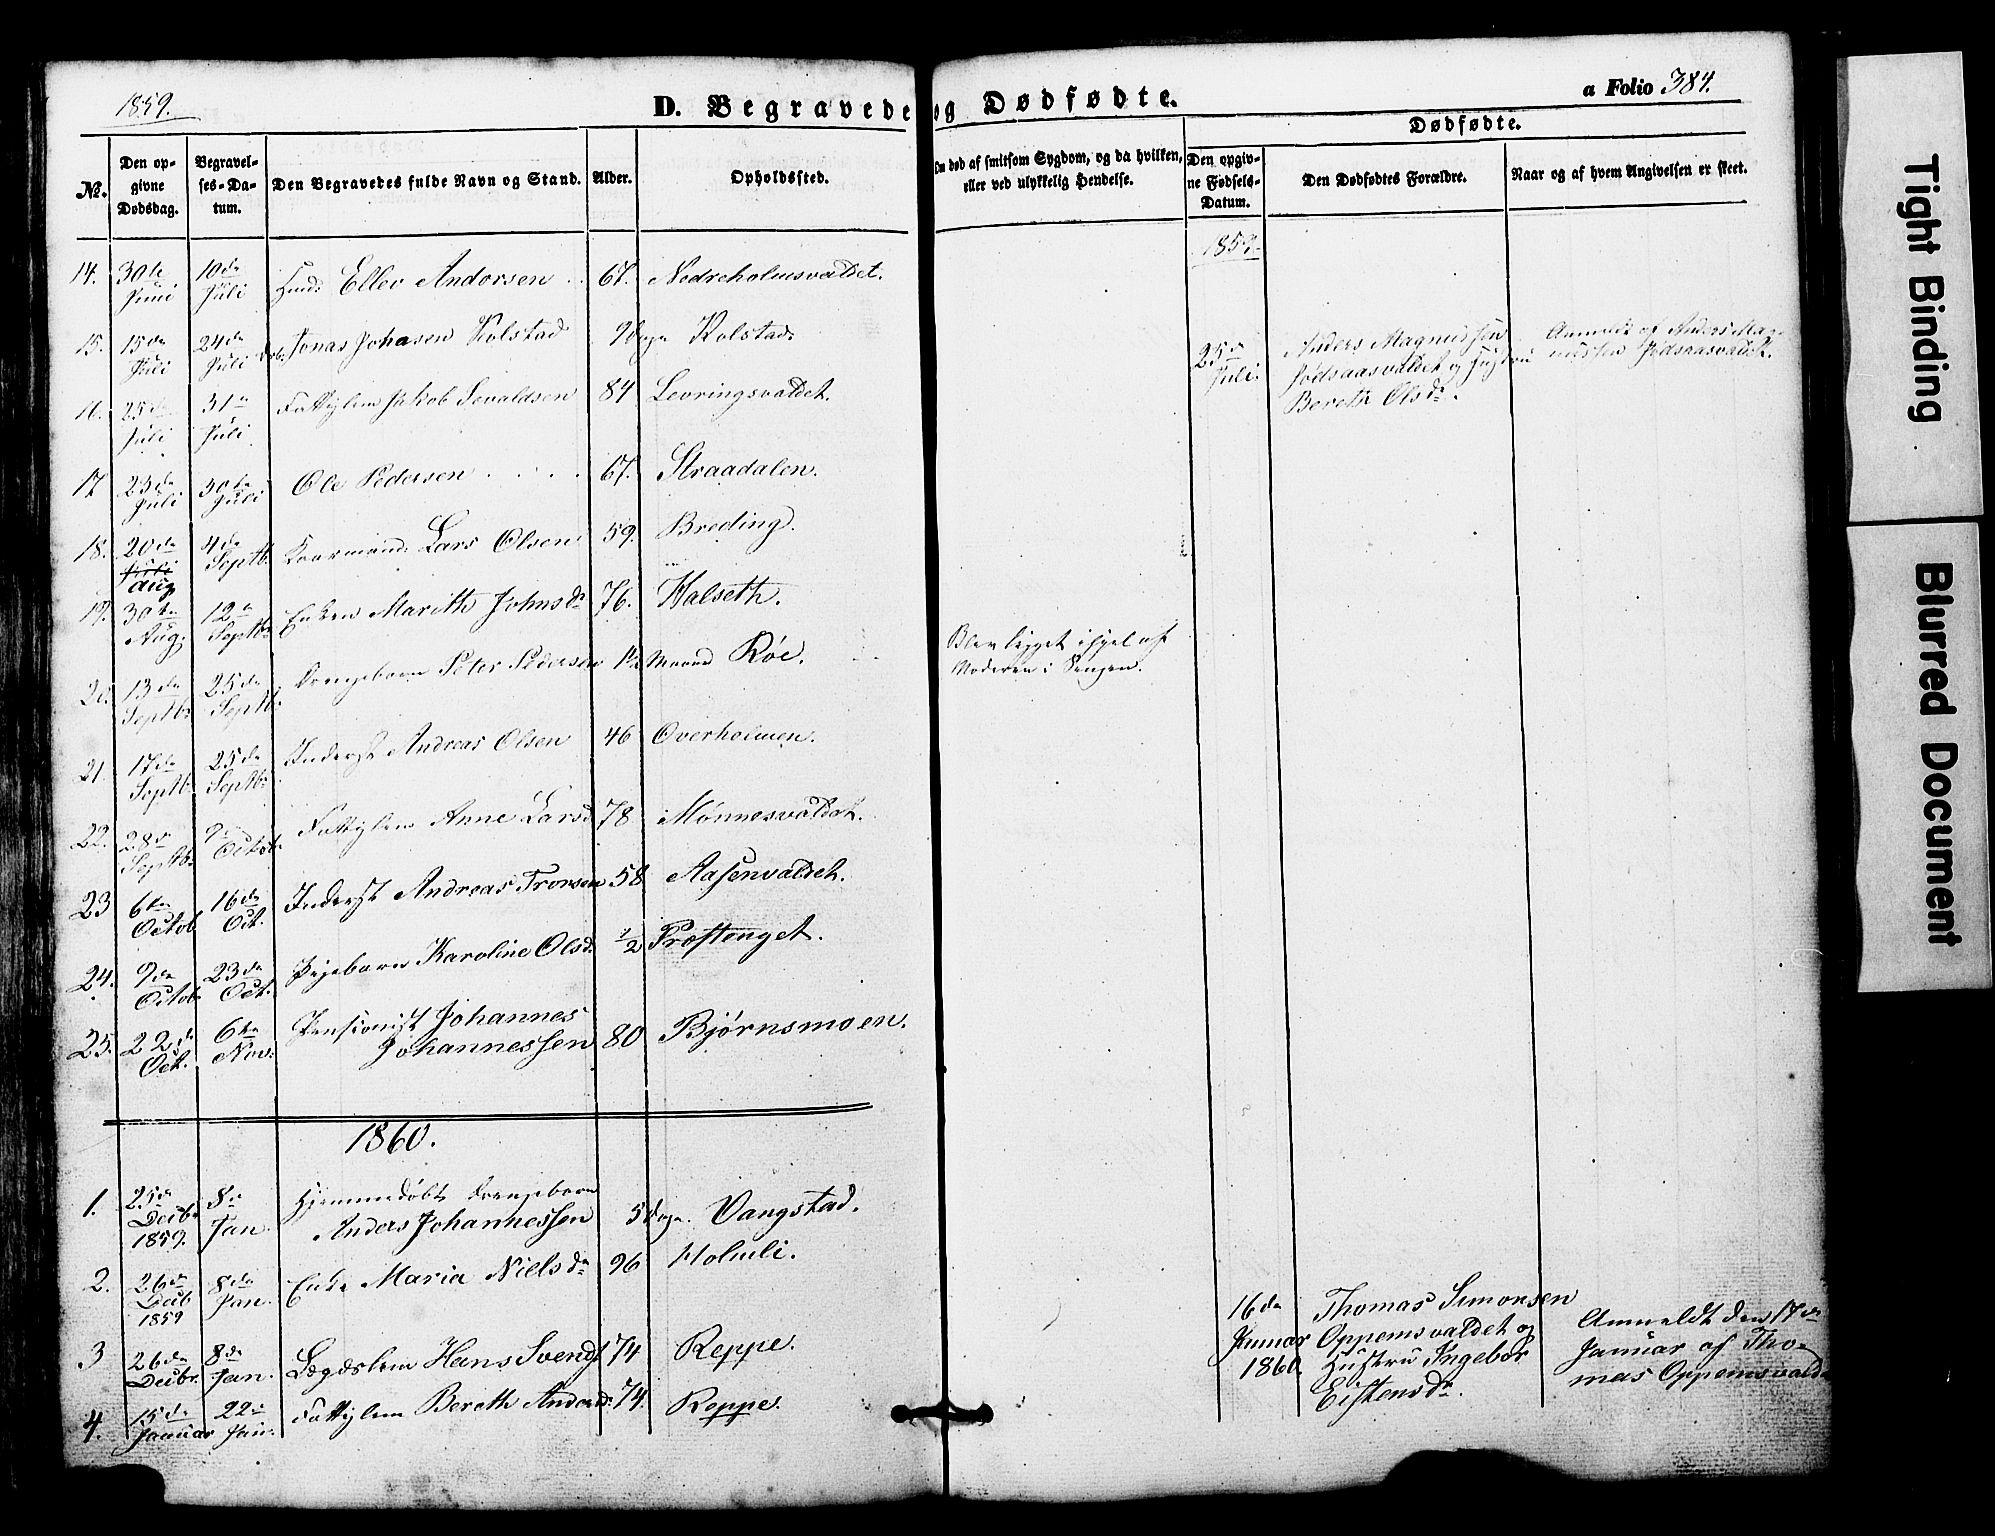 SAT, Ministerialprotokoller, klokkerbøker og fødselsregistre - Nord-Trøndelag, 724/L0268: Klokkerbok nr. 724C04, 1846-1878, s. 384